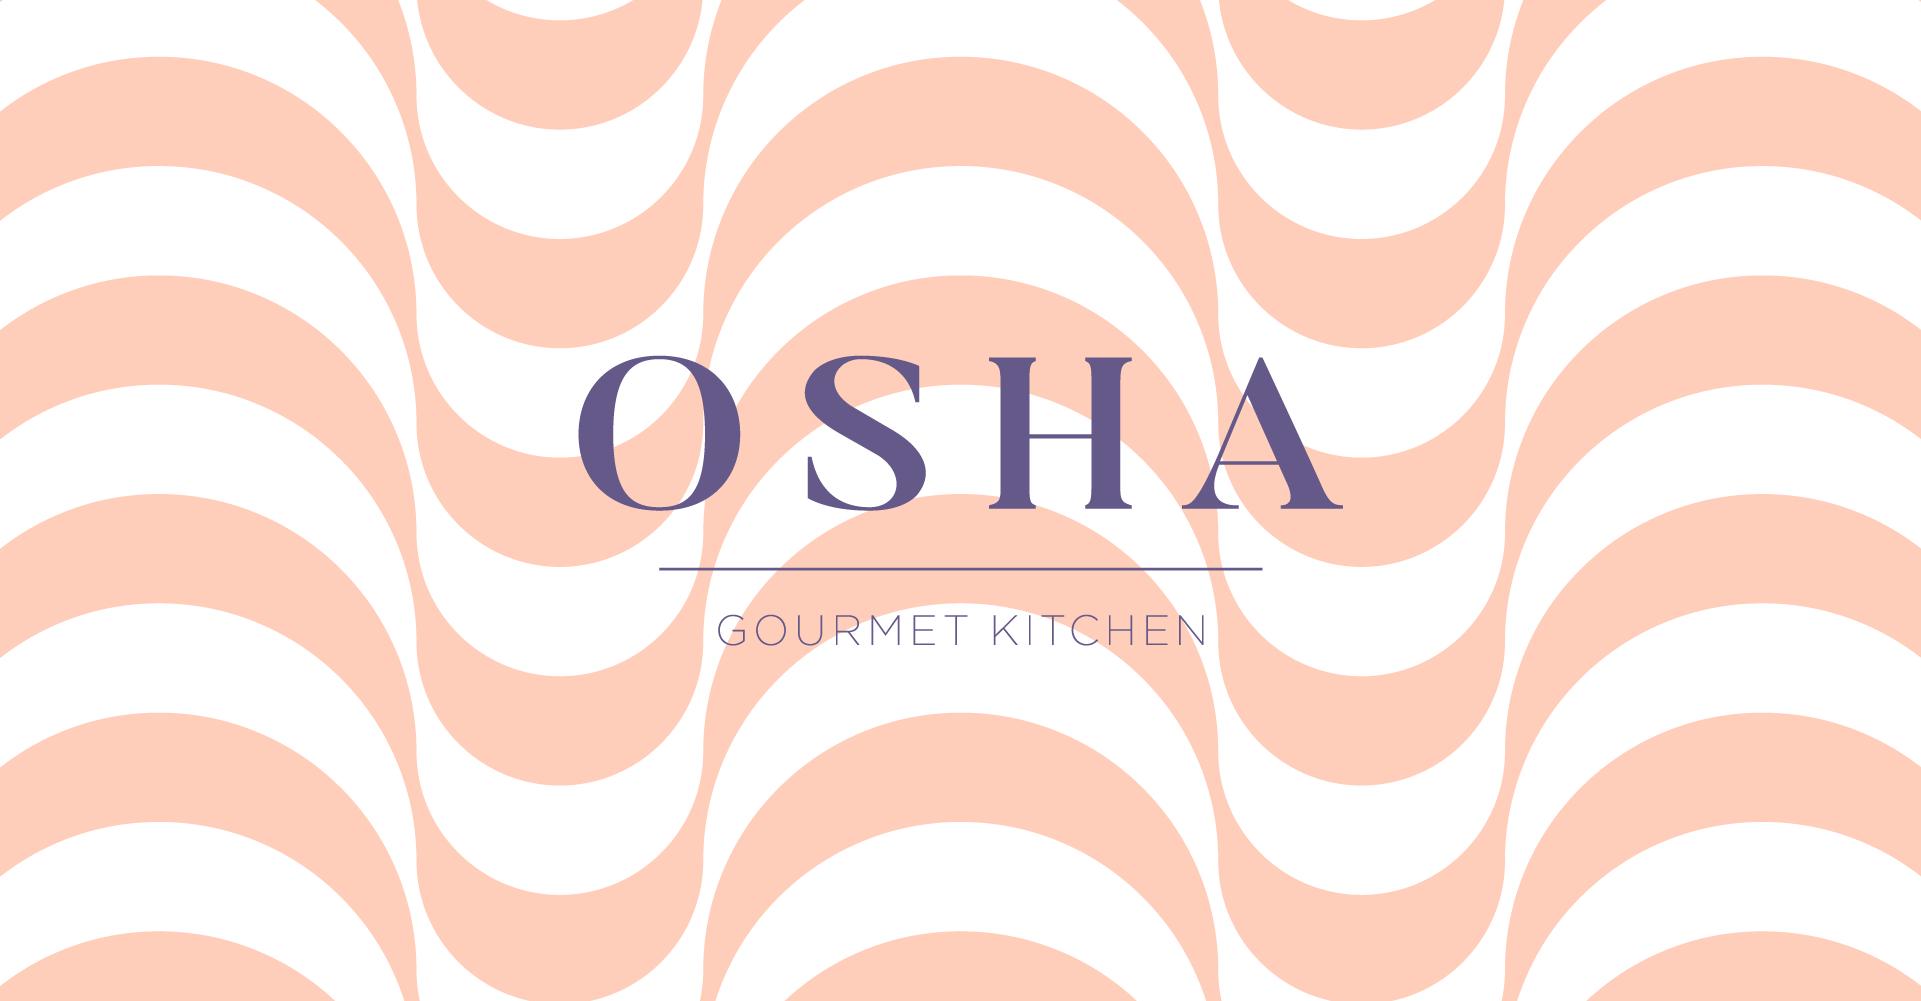 01 Osha-04